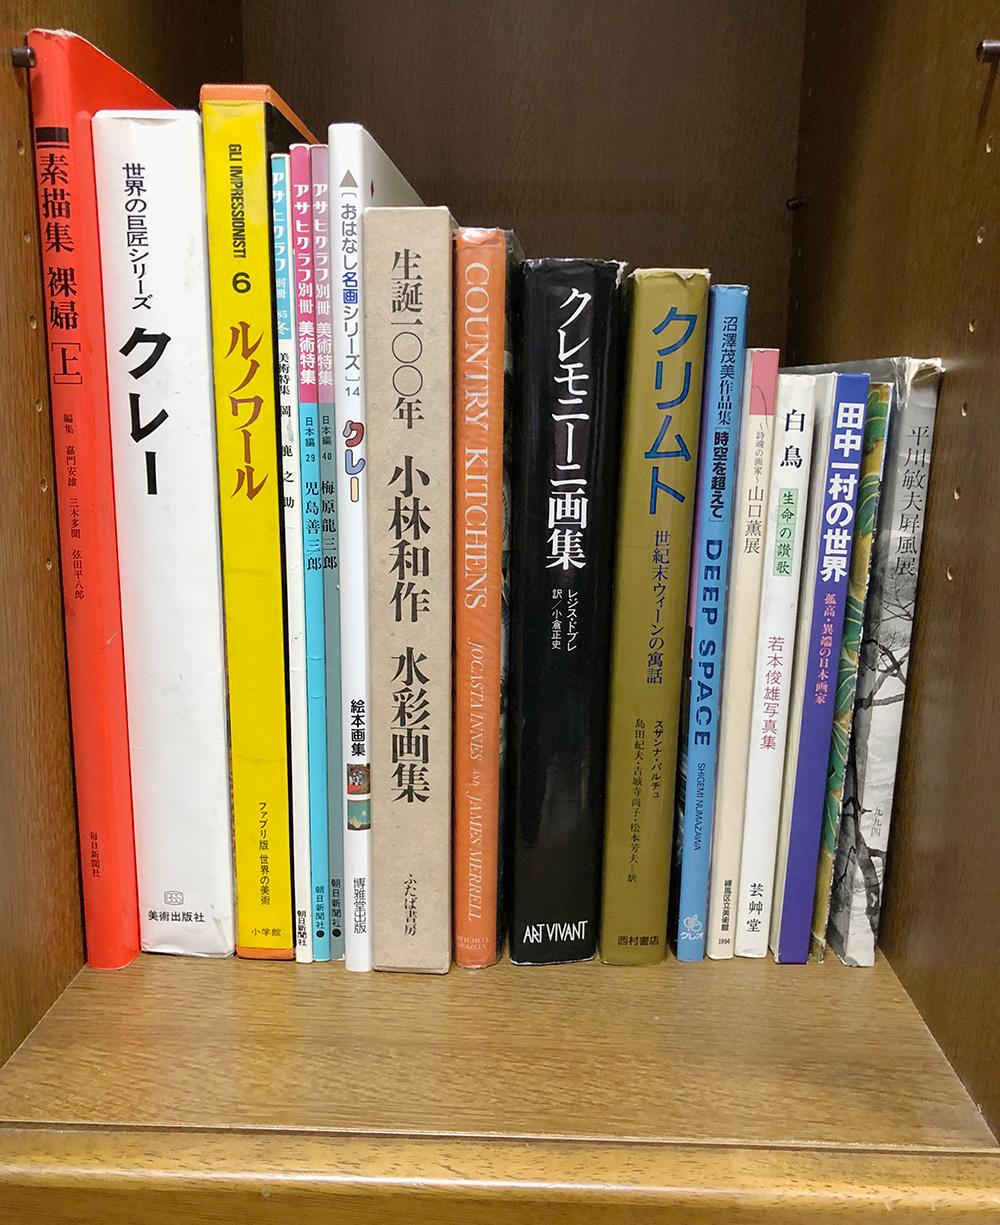 整頓した本棚の写真